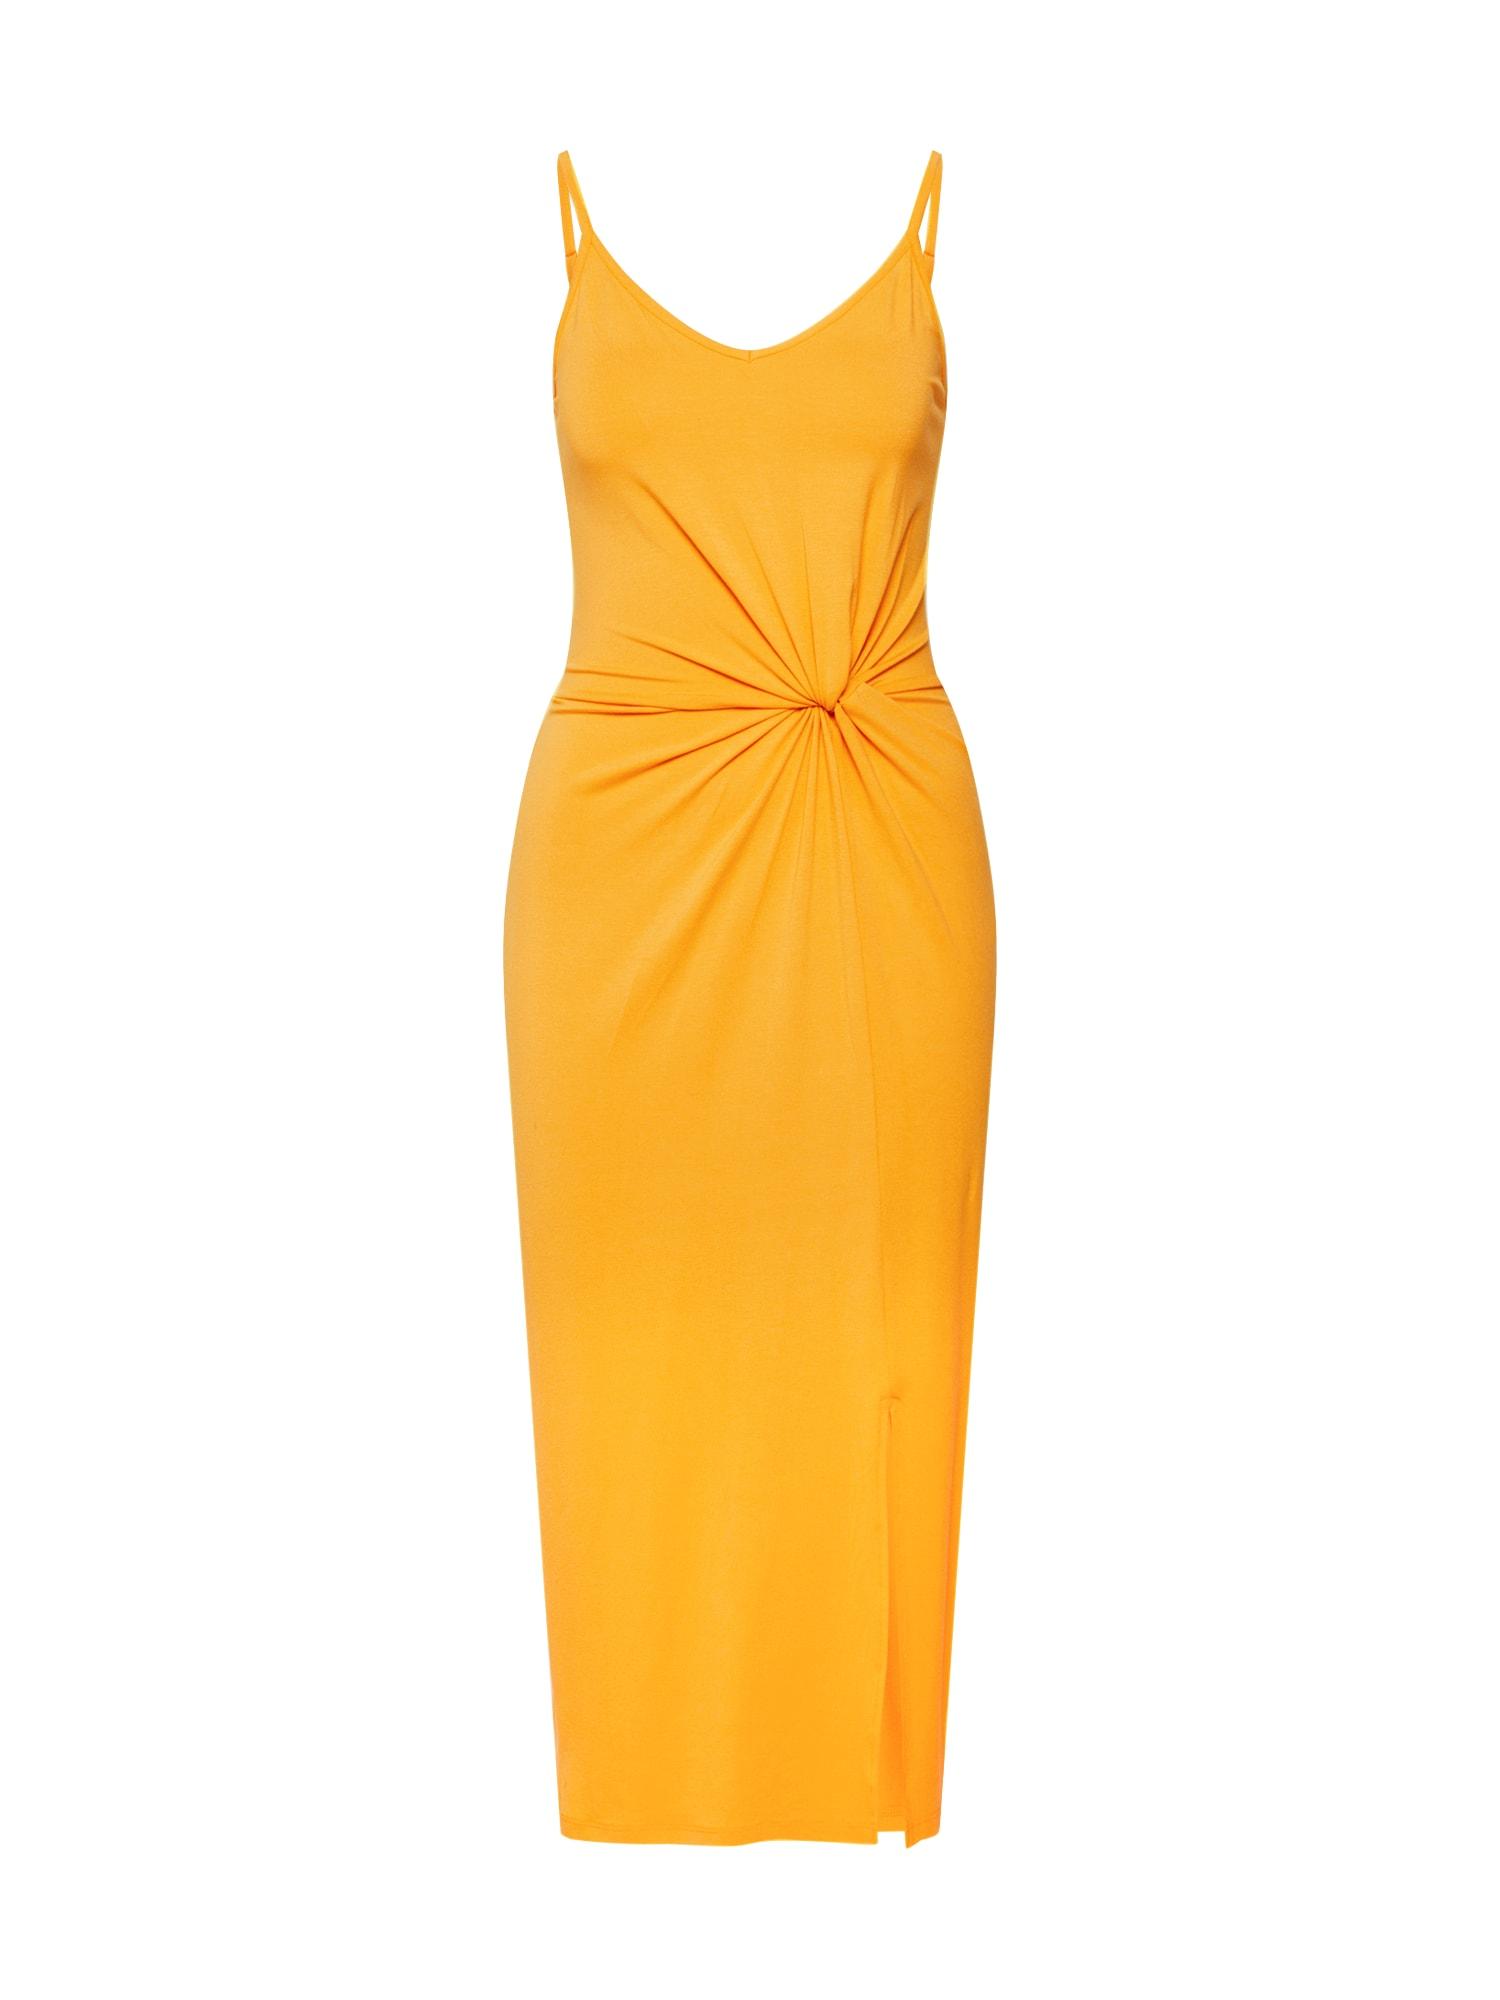 Šaty Maxine žlutá EDITED